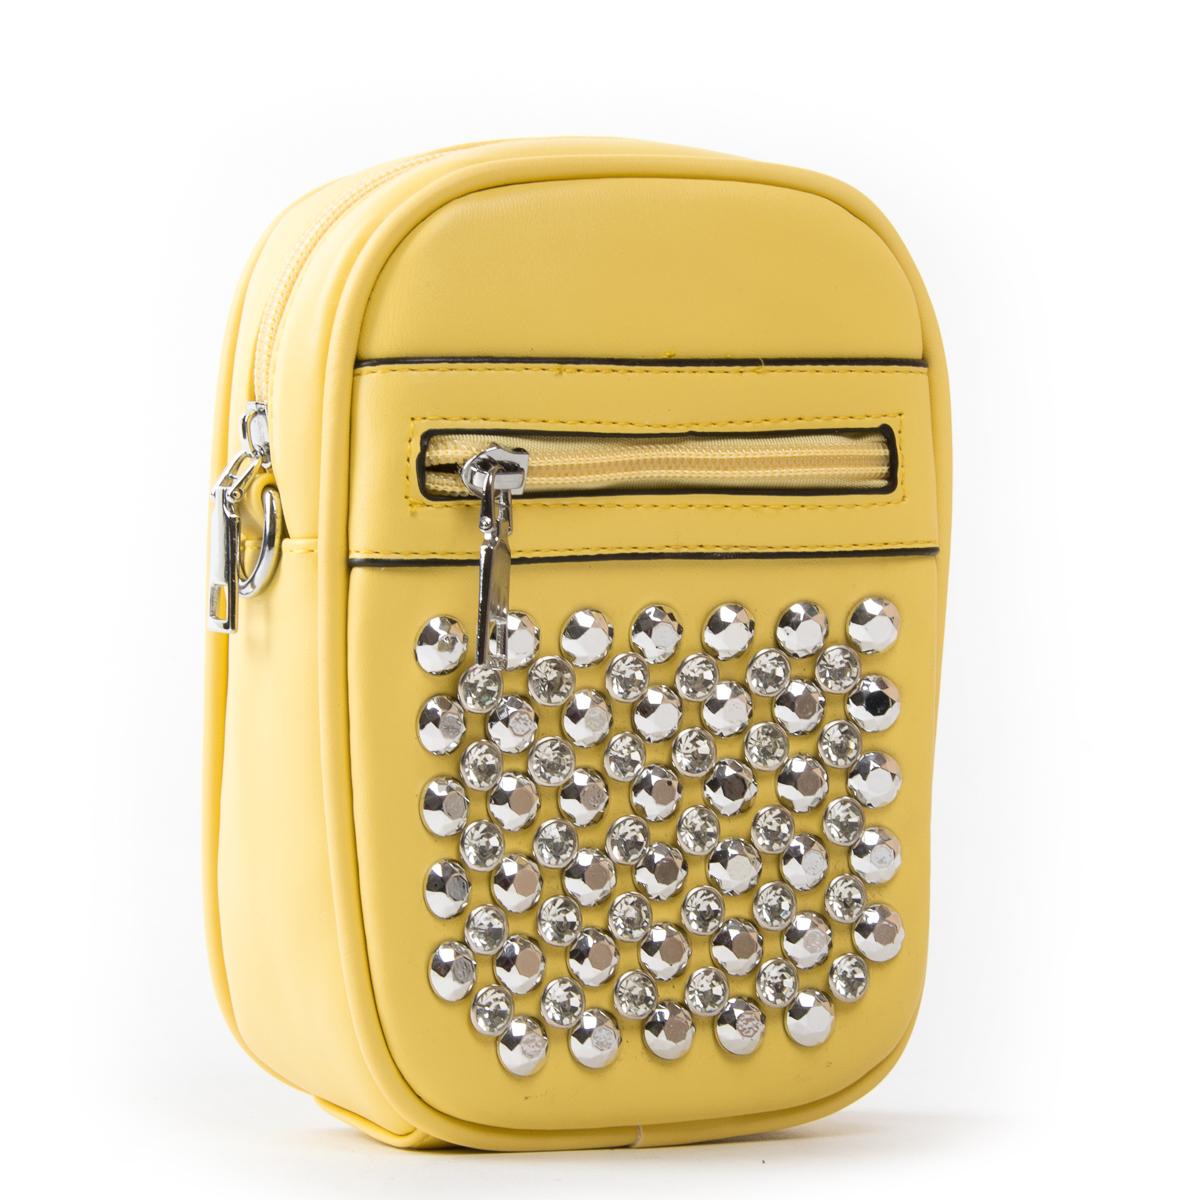 Сумка Женская Клатч иск-кожа FASHION 01-00 8158 yellow